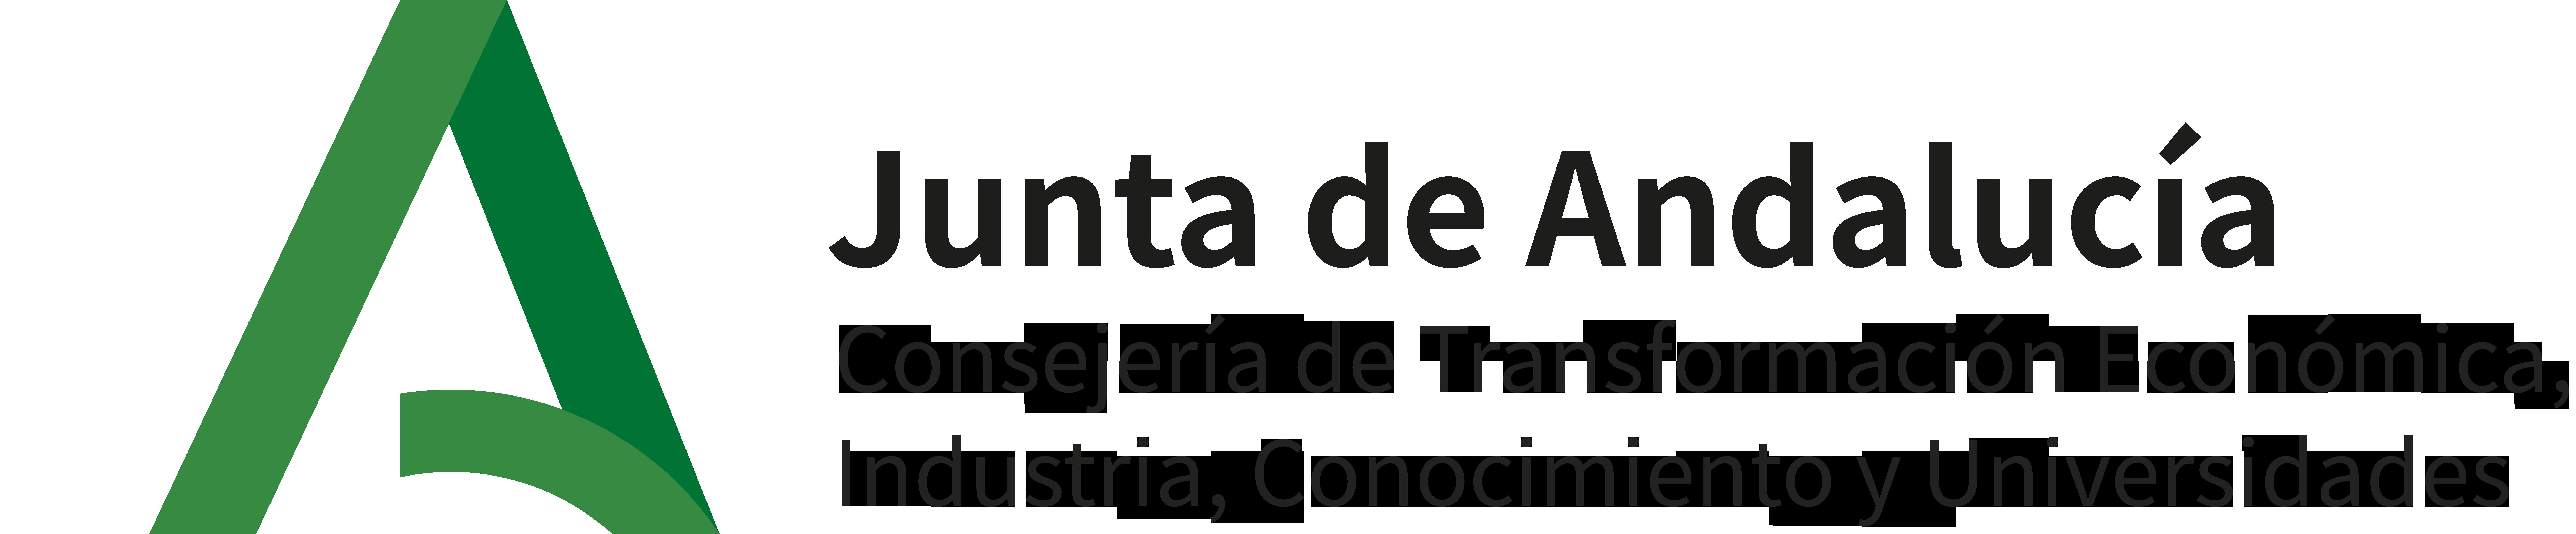 tramites.comercioandaluz.es